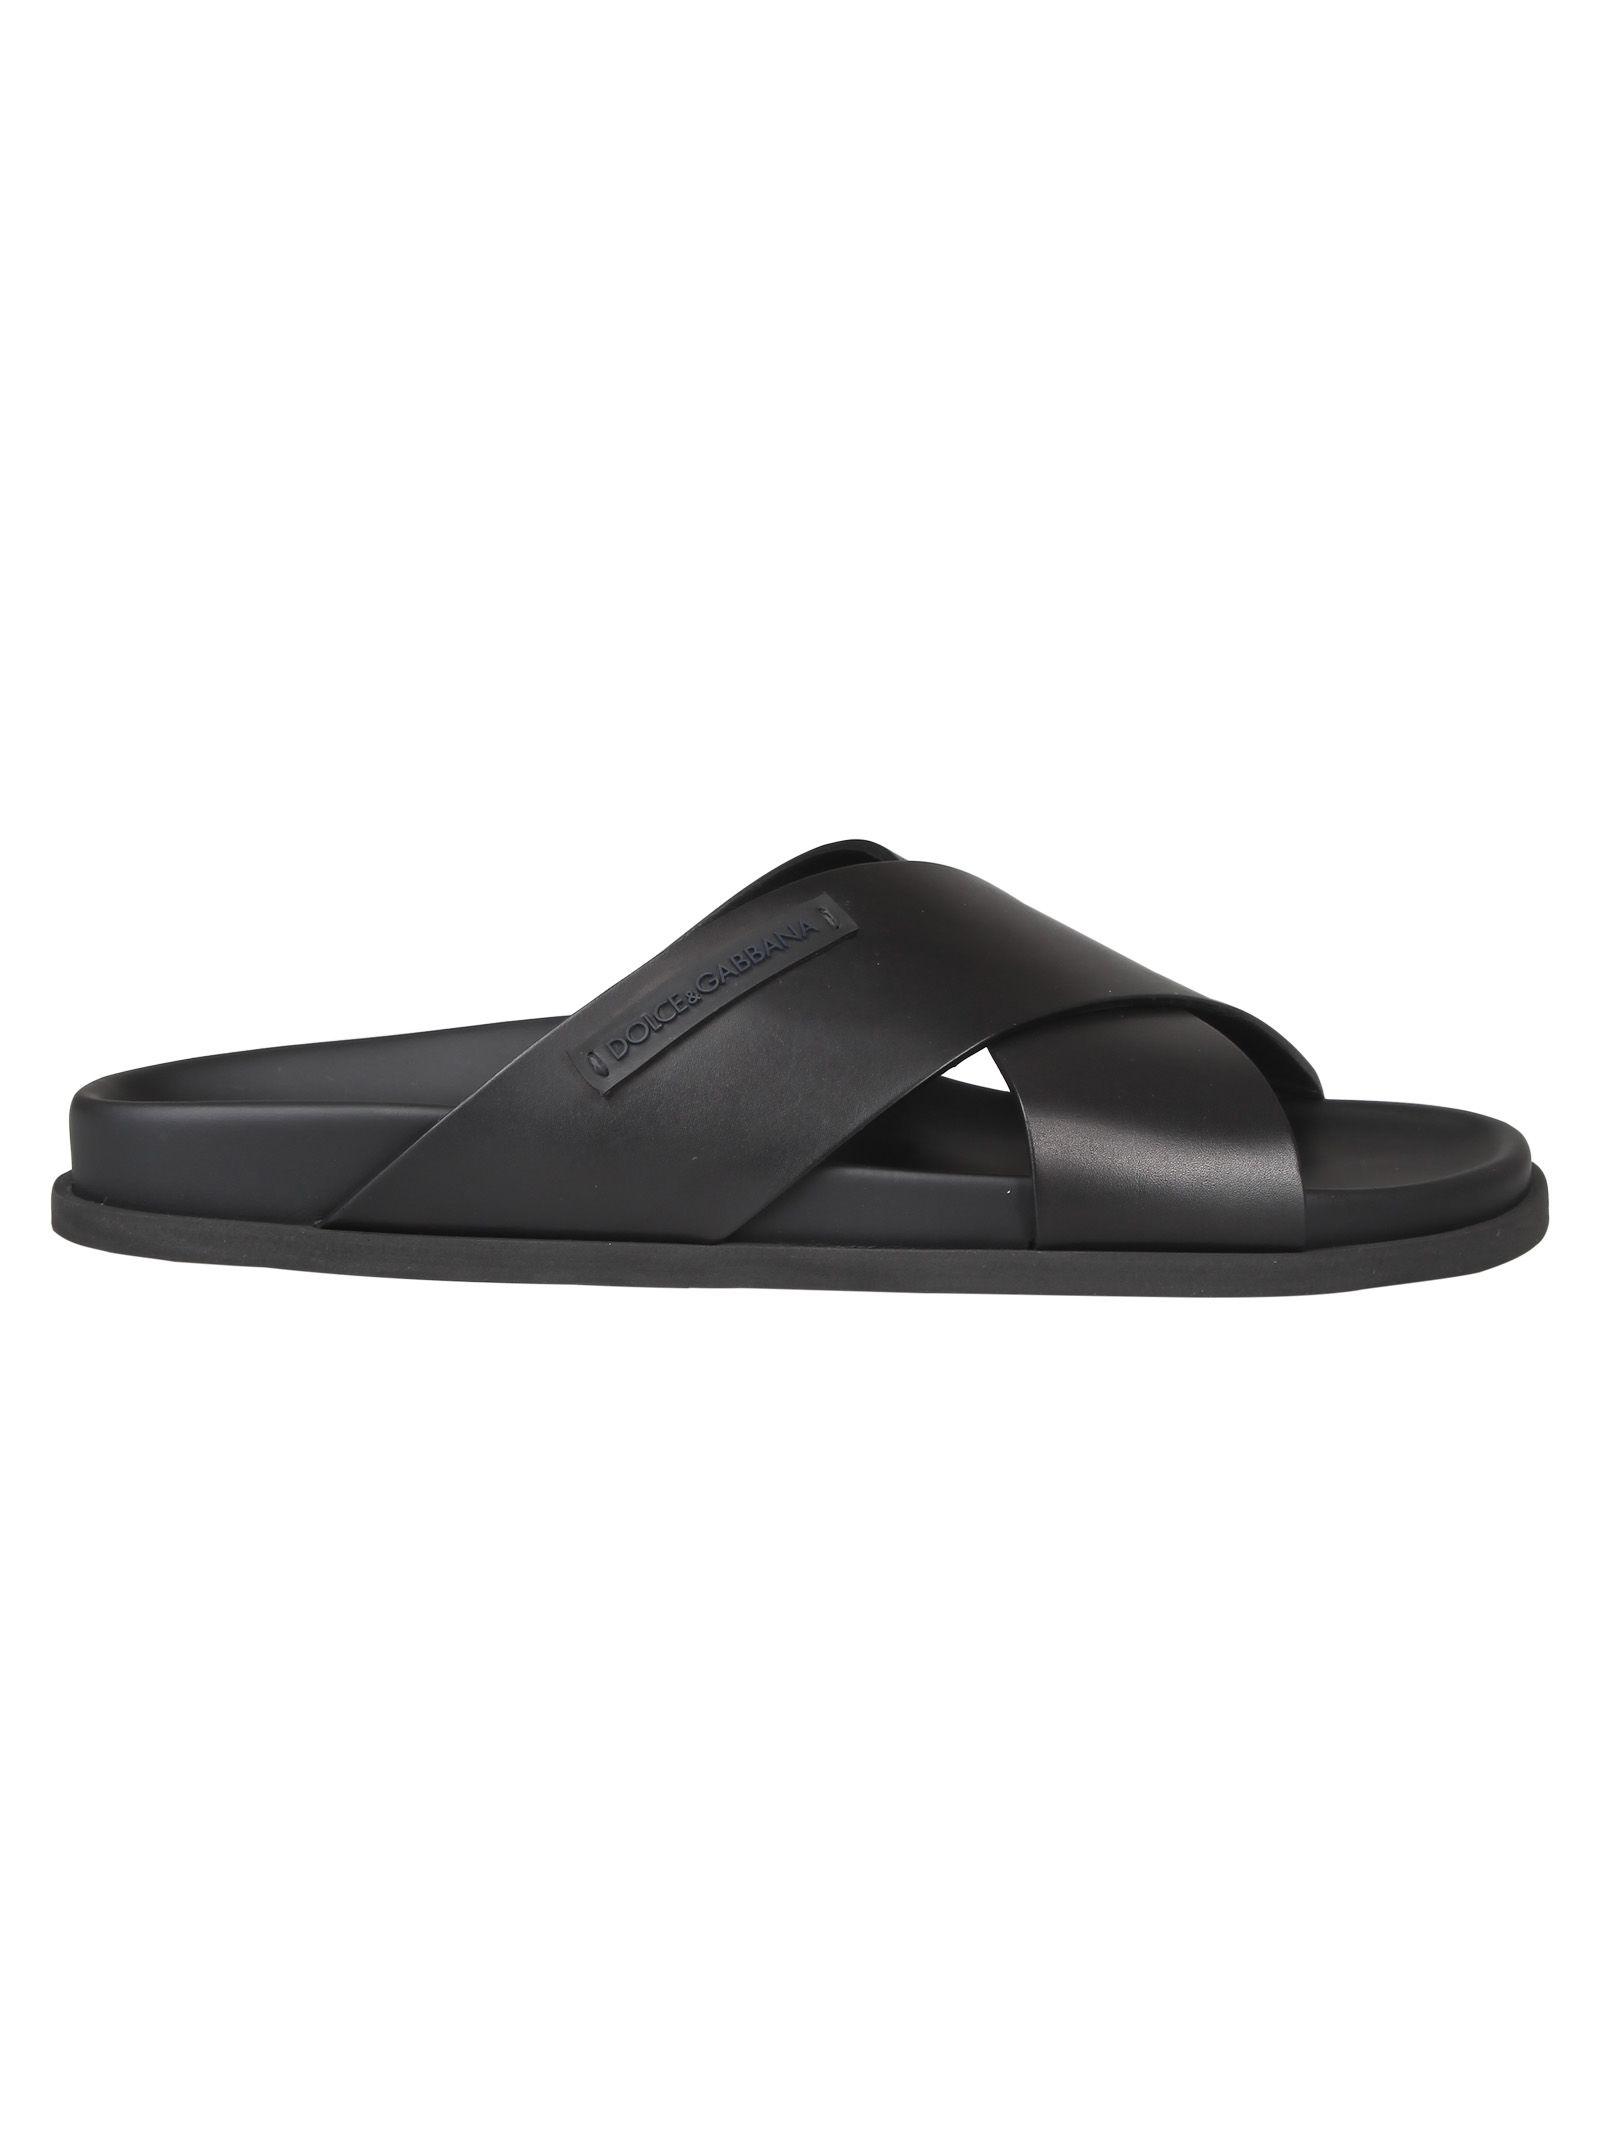 d9195ba4c Dolce   Gabbana Dolce   Gabbana Cross Strap Sandals - Black ...